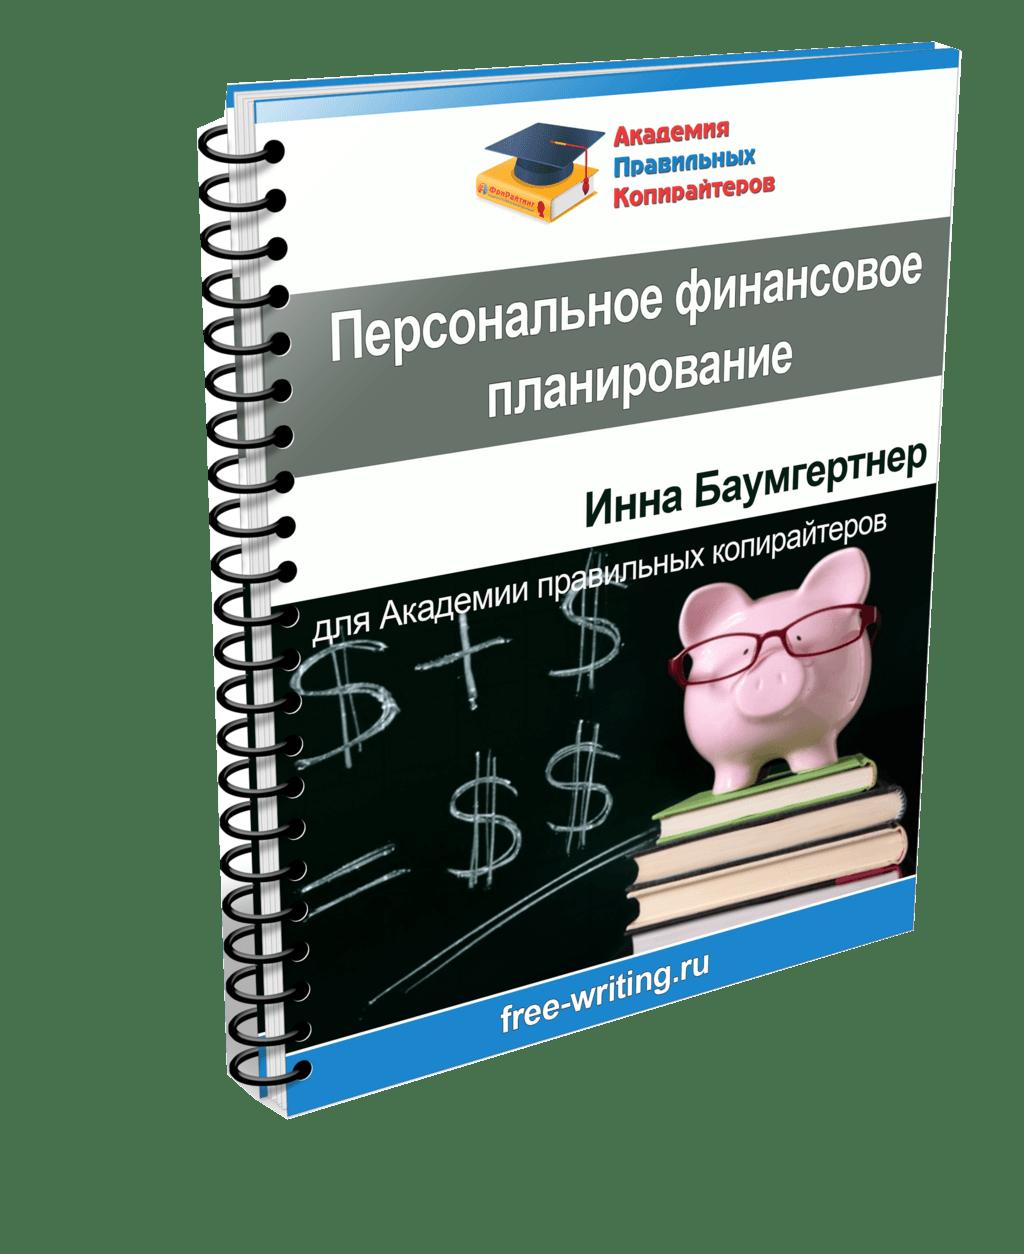 oblozhka-baum